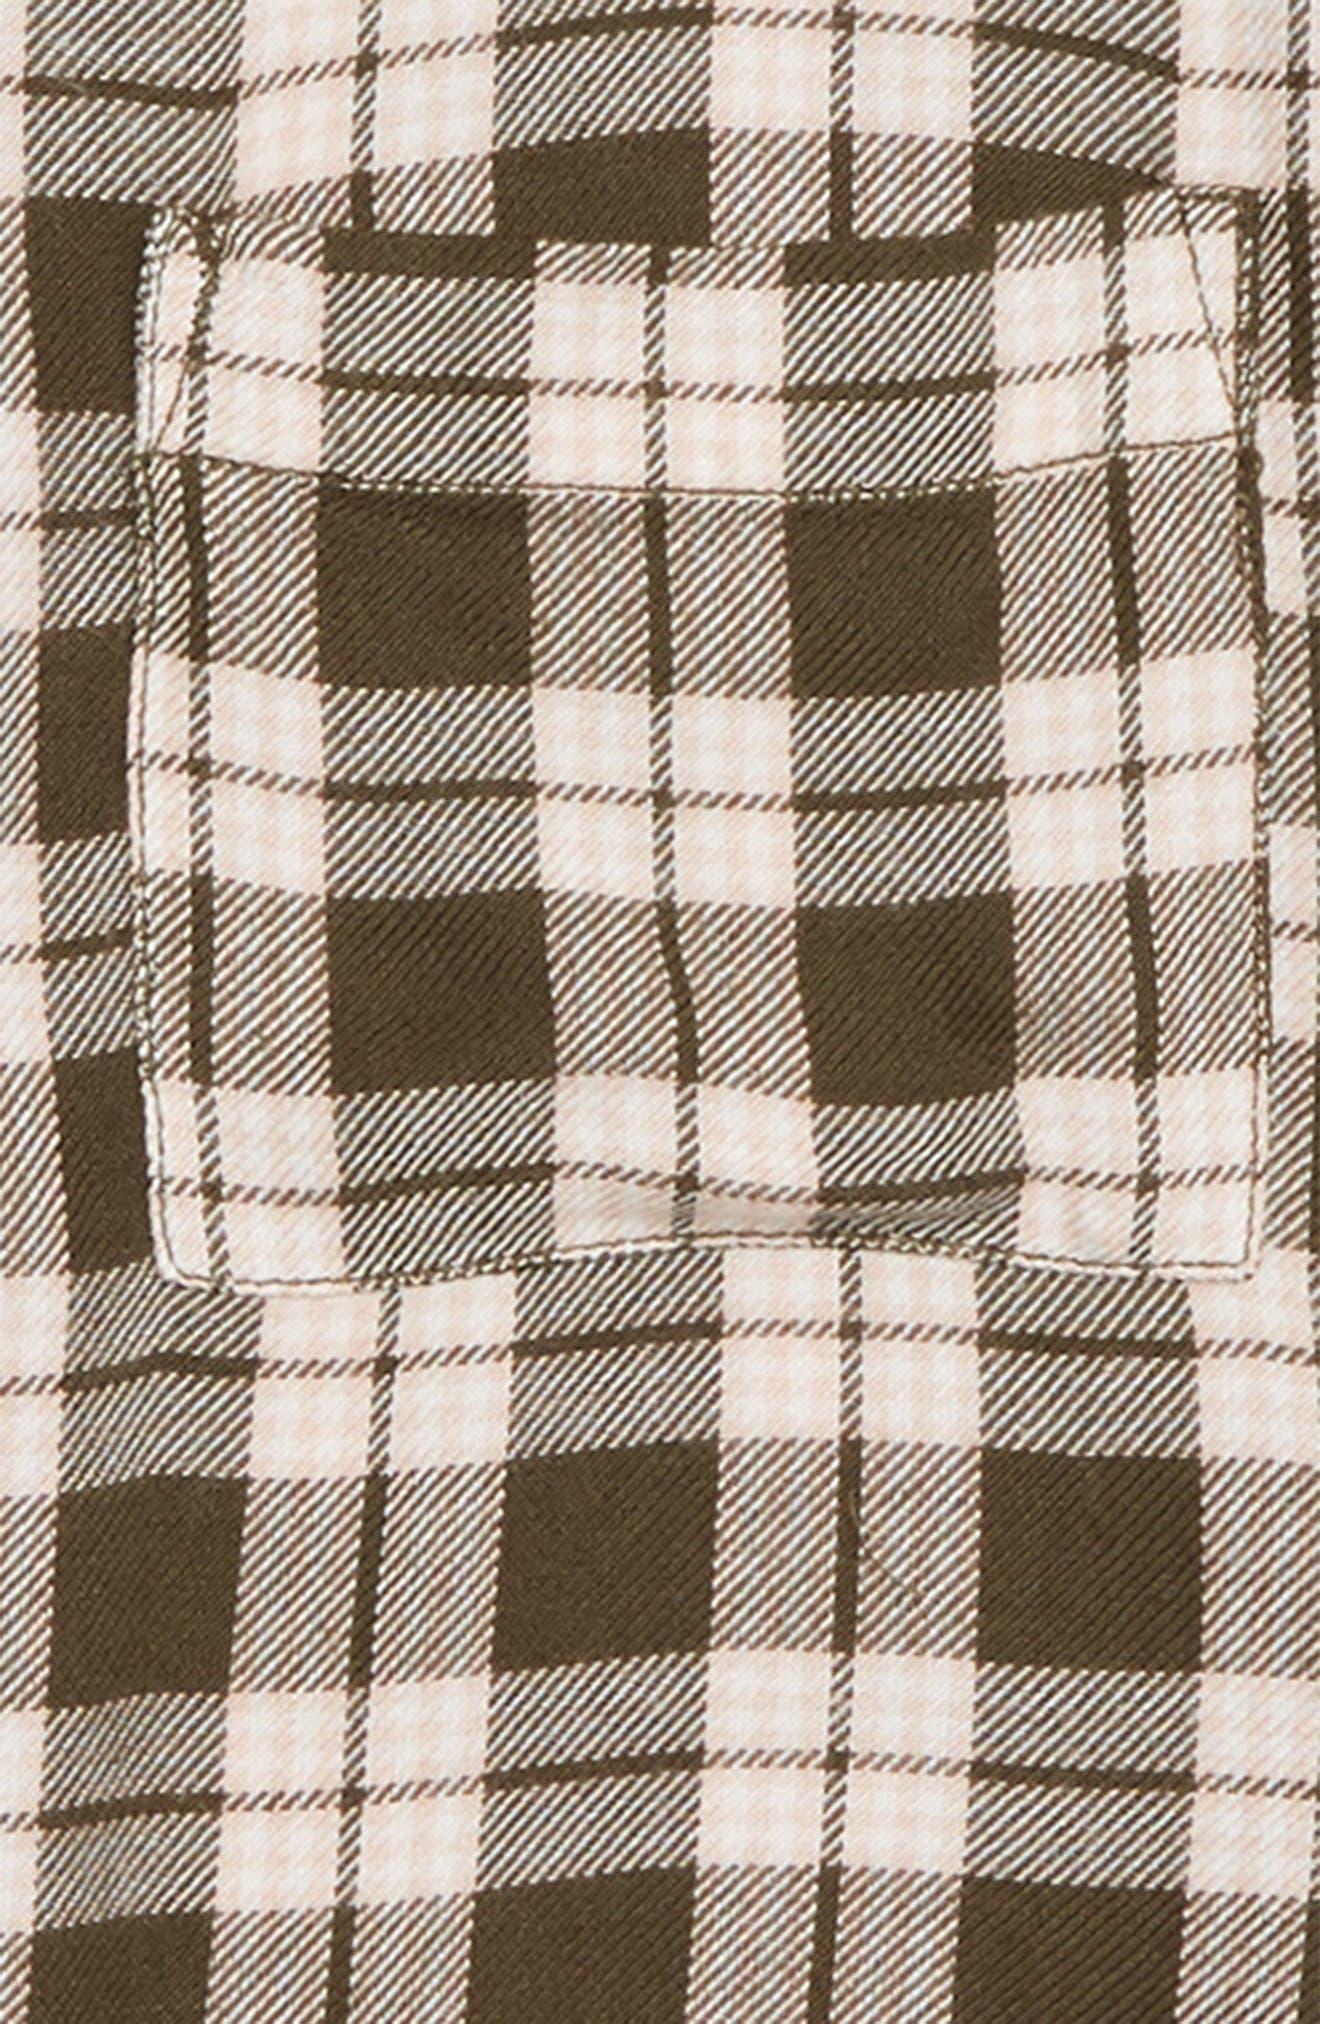 Plaid Flannel Shirt,                             Alternate thumbnail 2, color,                             311